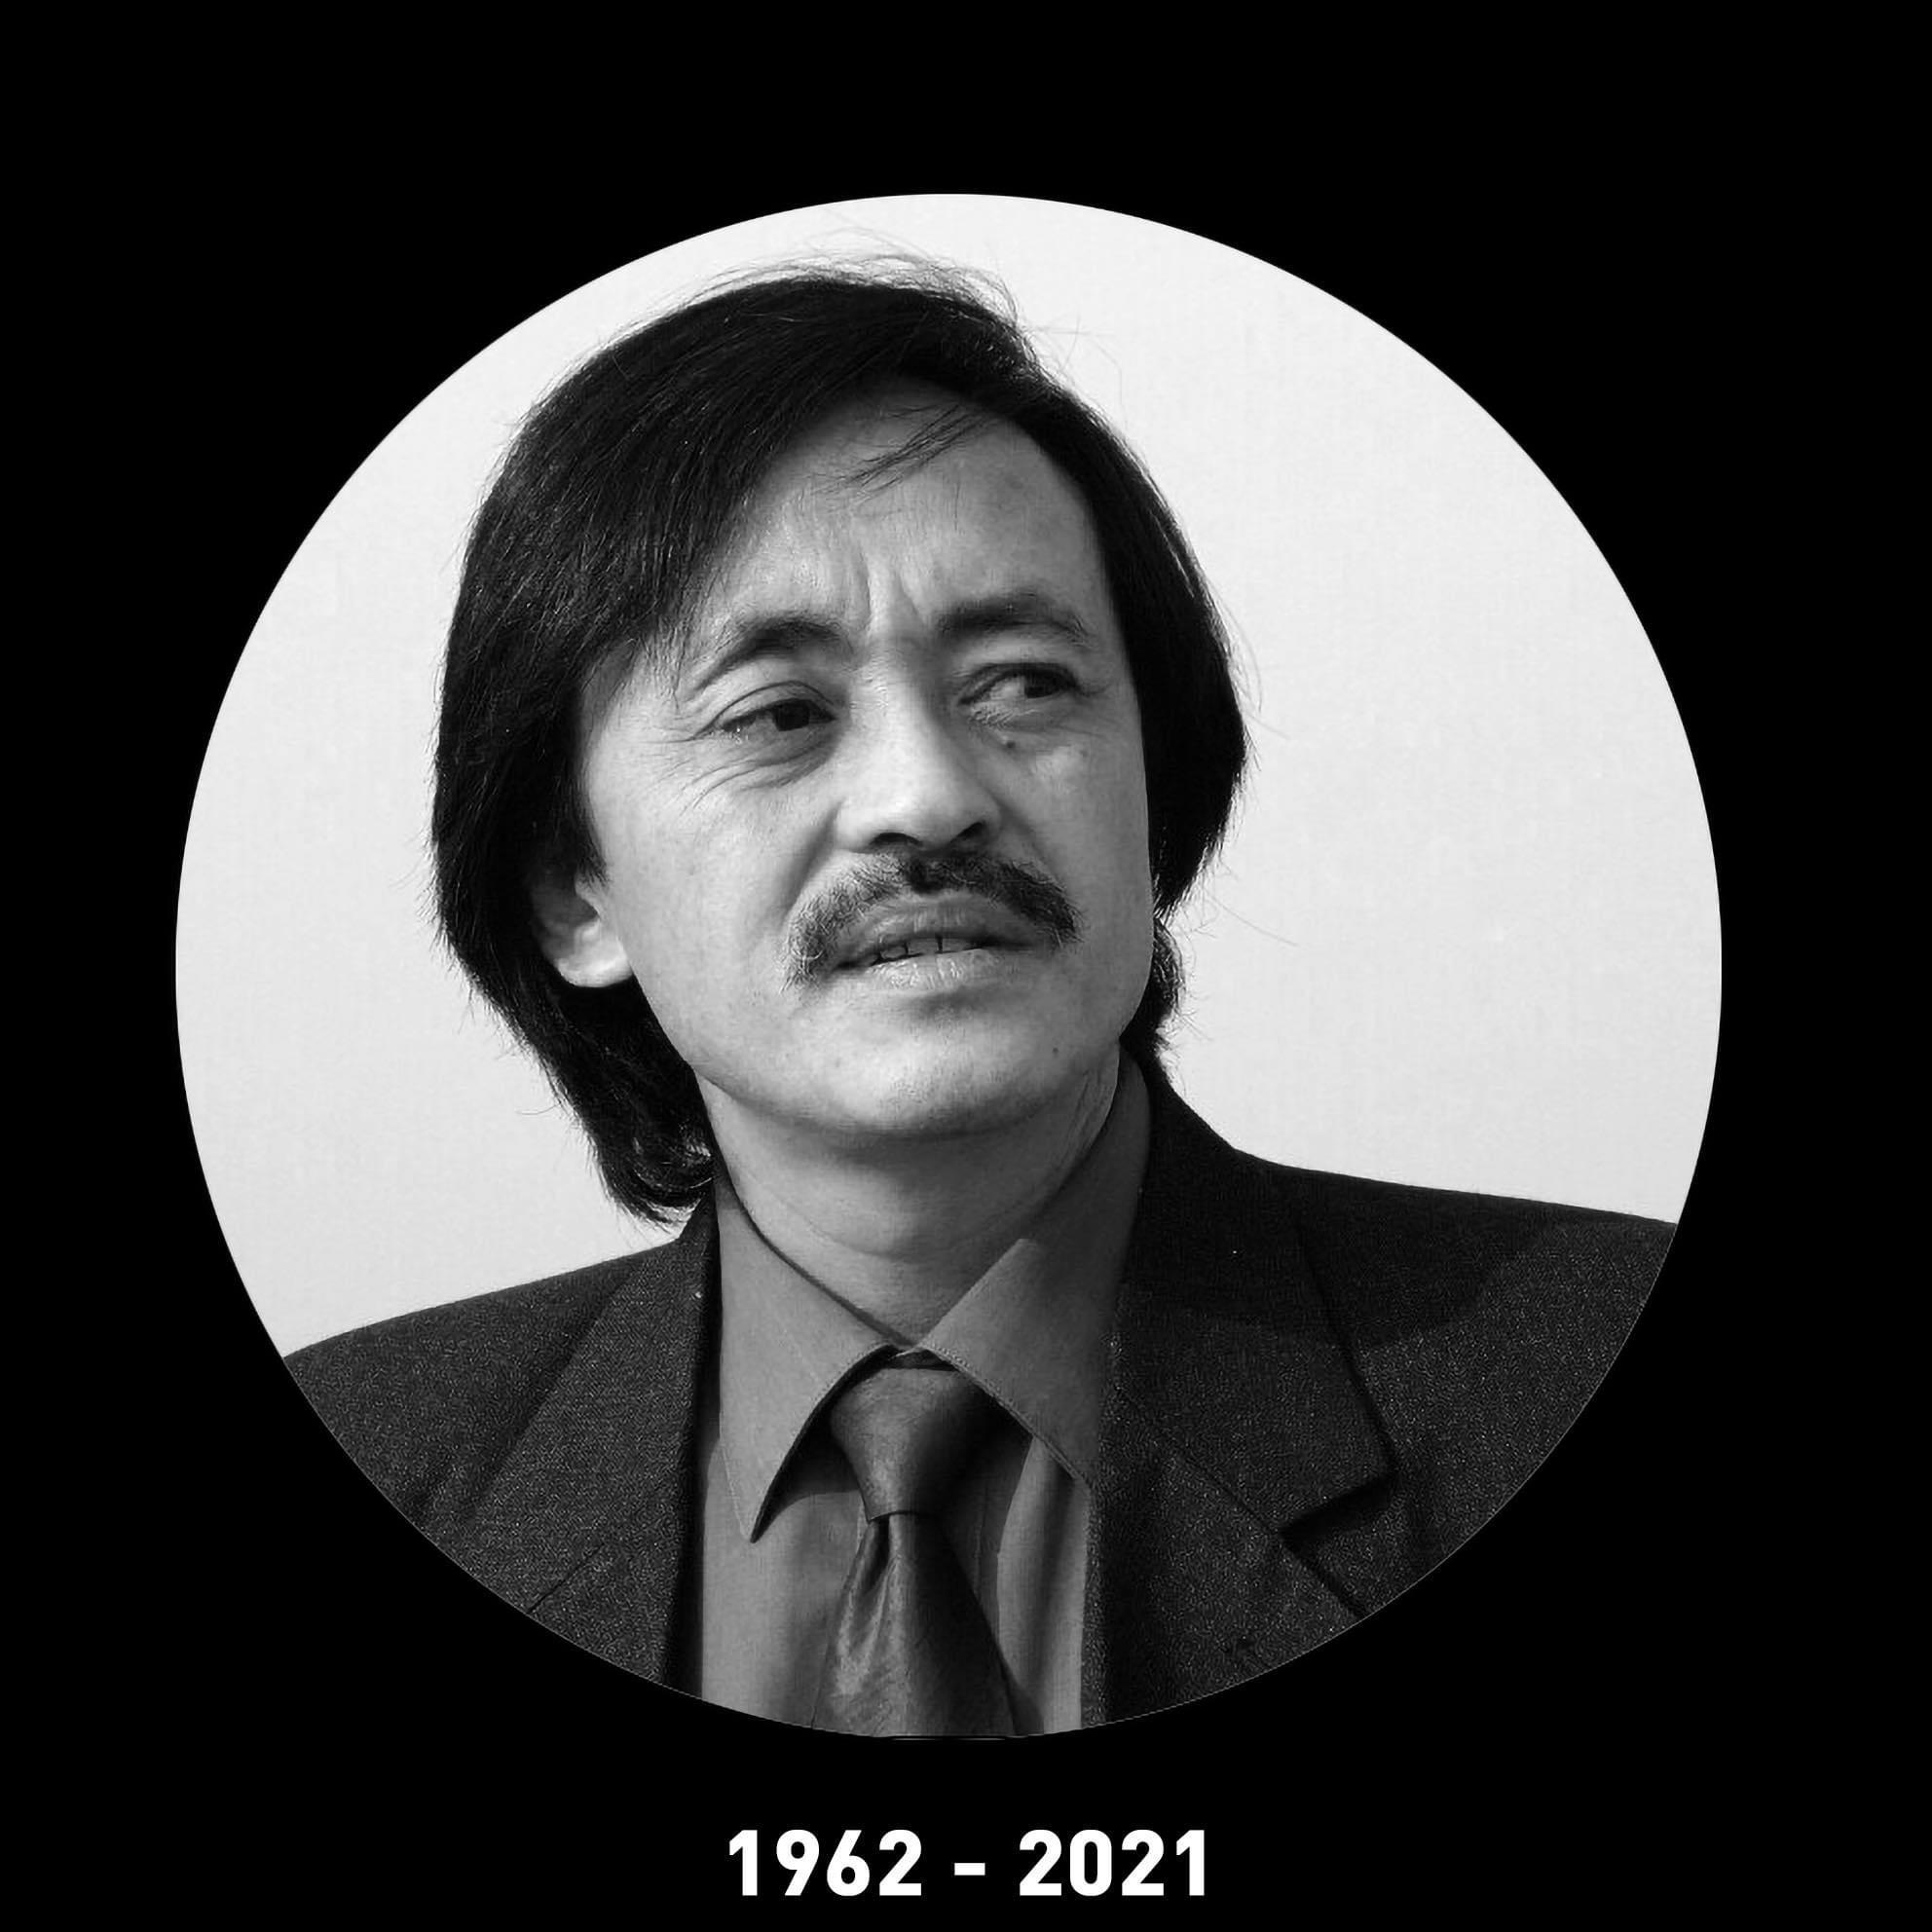 Nghệ sĩ Giang Còi qua đời, hưởng dương 59 tuổi - 1